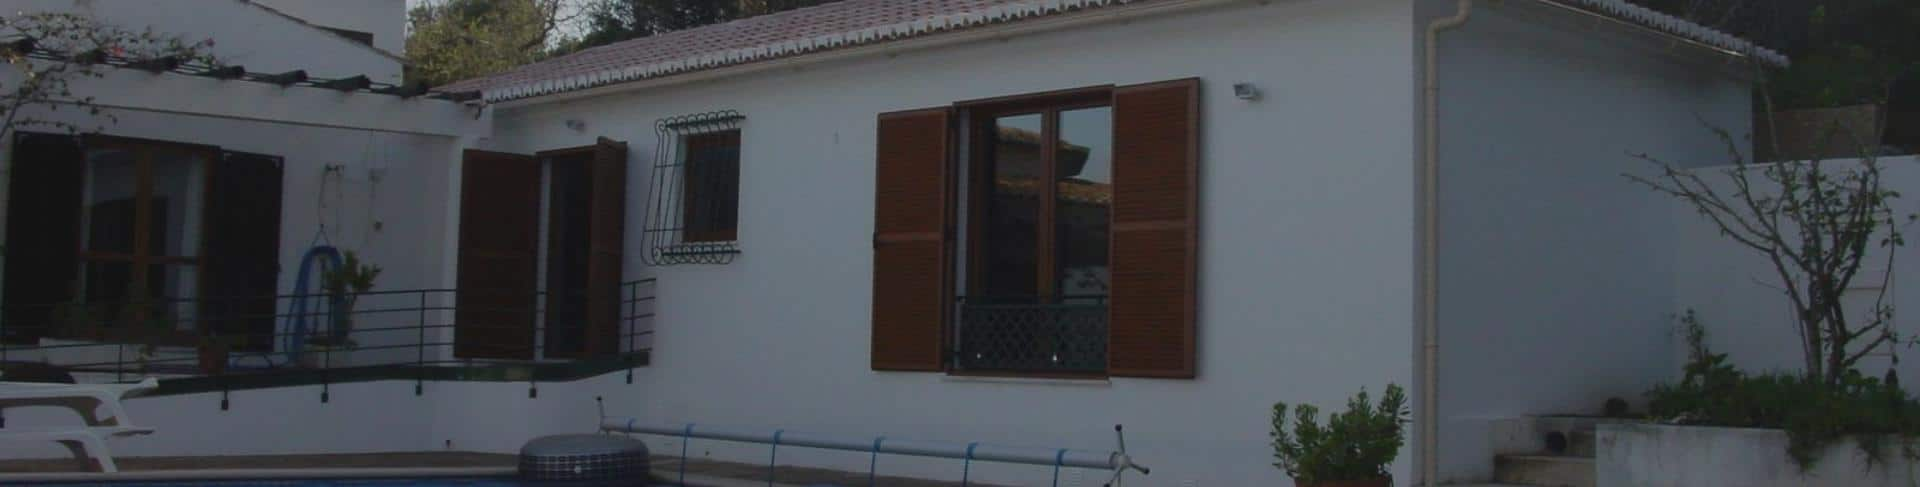 Pintura de fachada de moradia vintage obras - Pintura para fachada ...